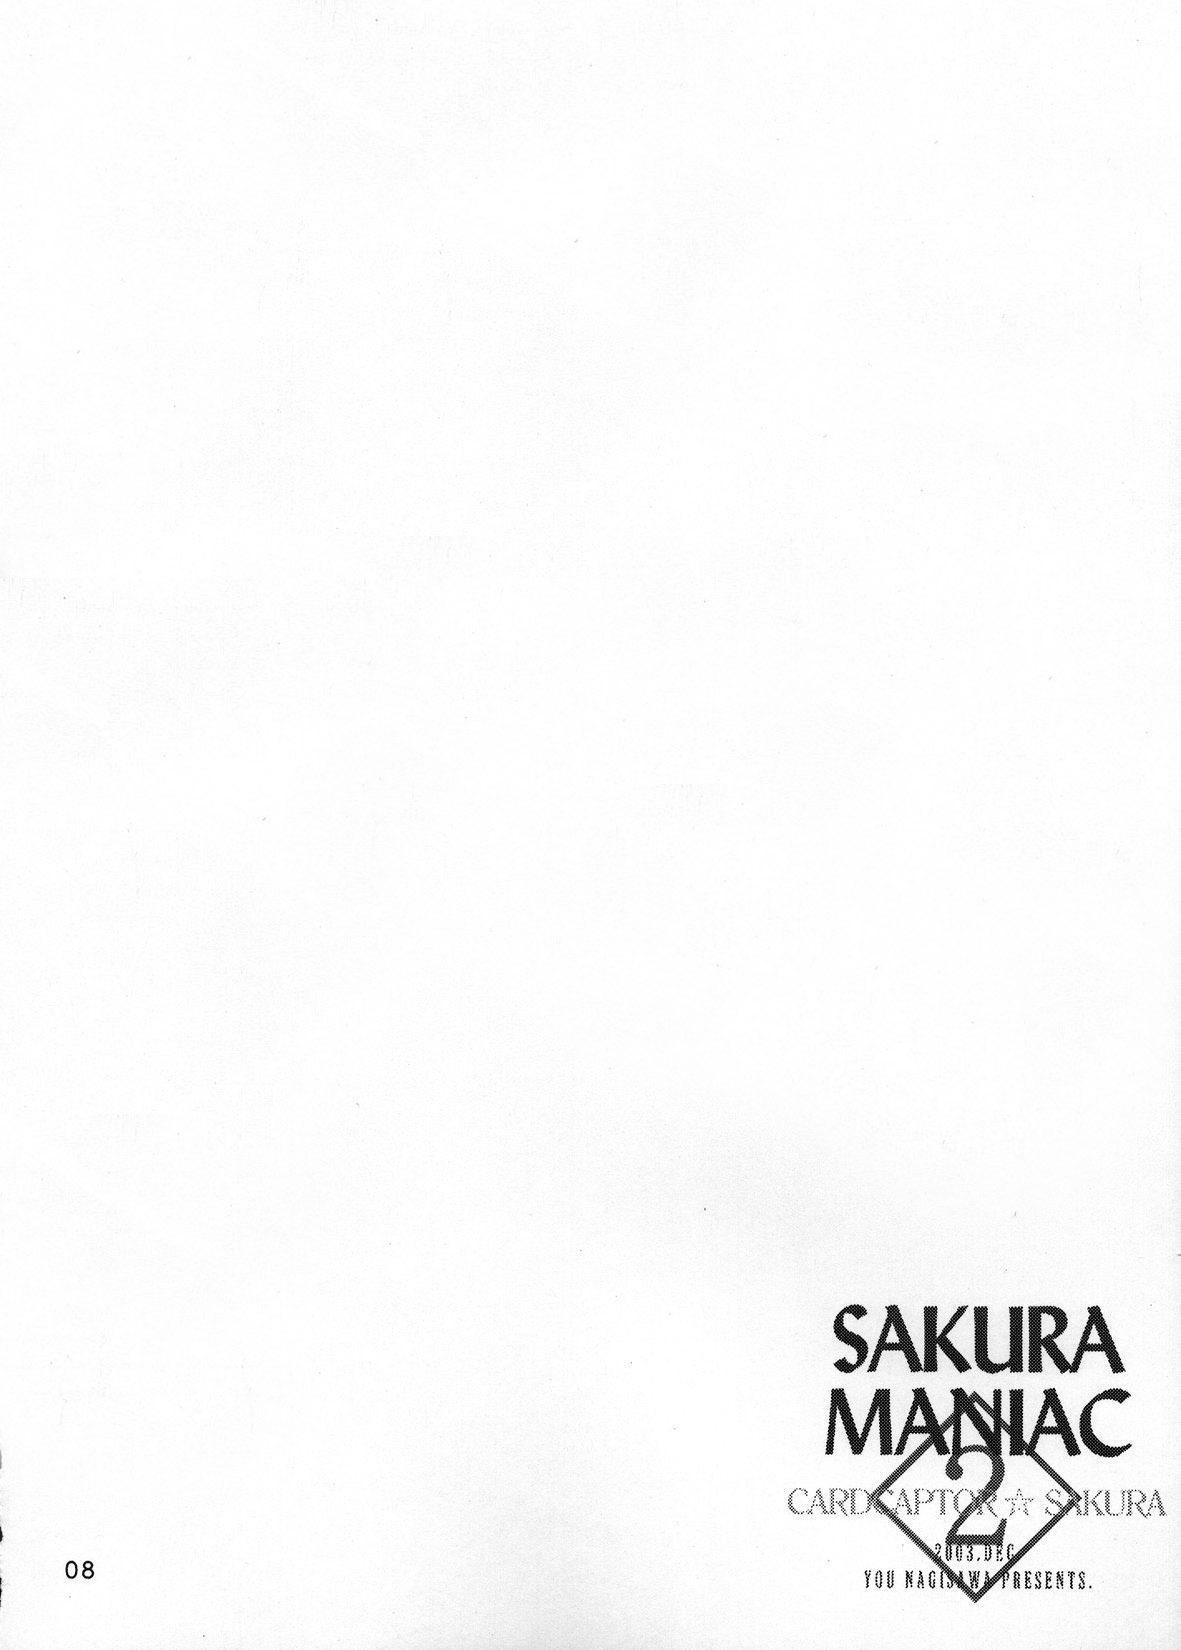 Sakura Maniac 2 6